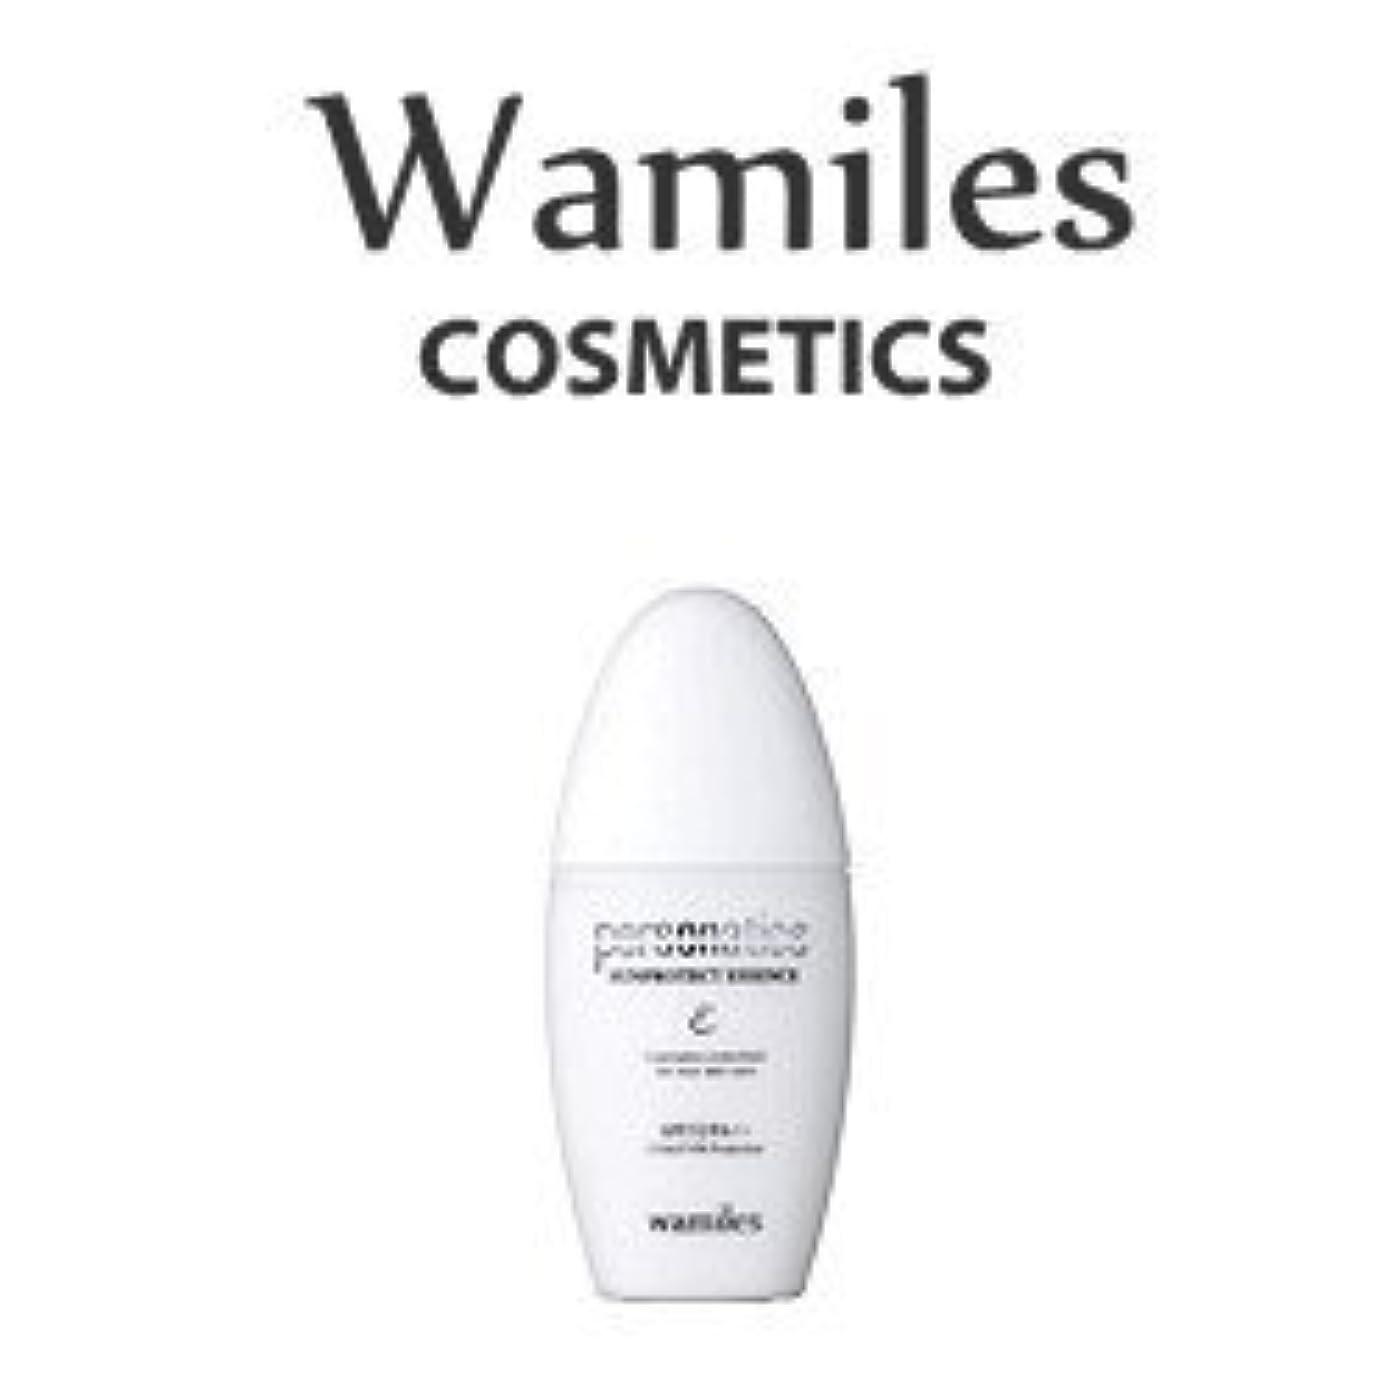 交じるスプリット骨の折れるwamiles/ワミレス サンプロテクトエッセンス 30ml 美容 化粧水